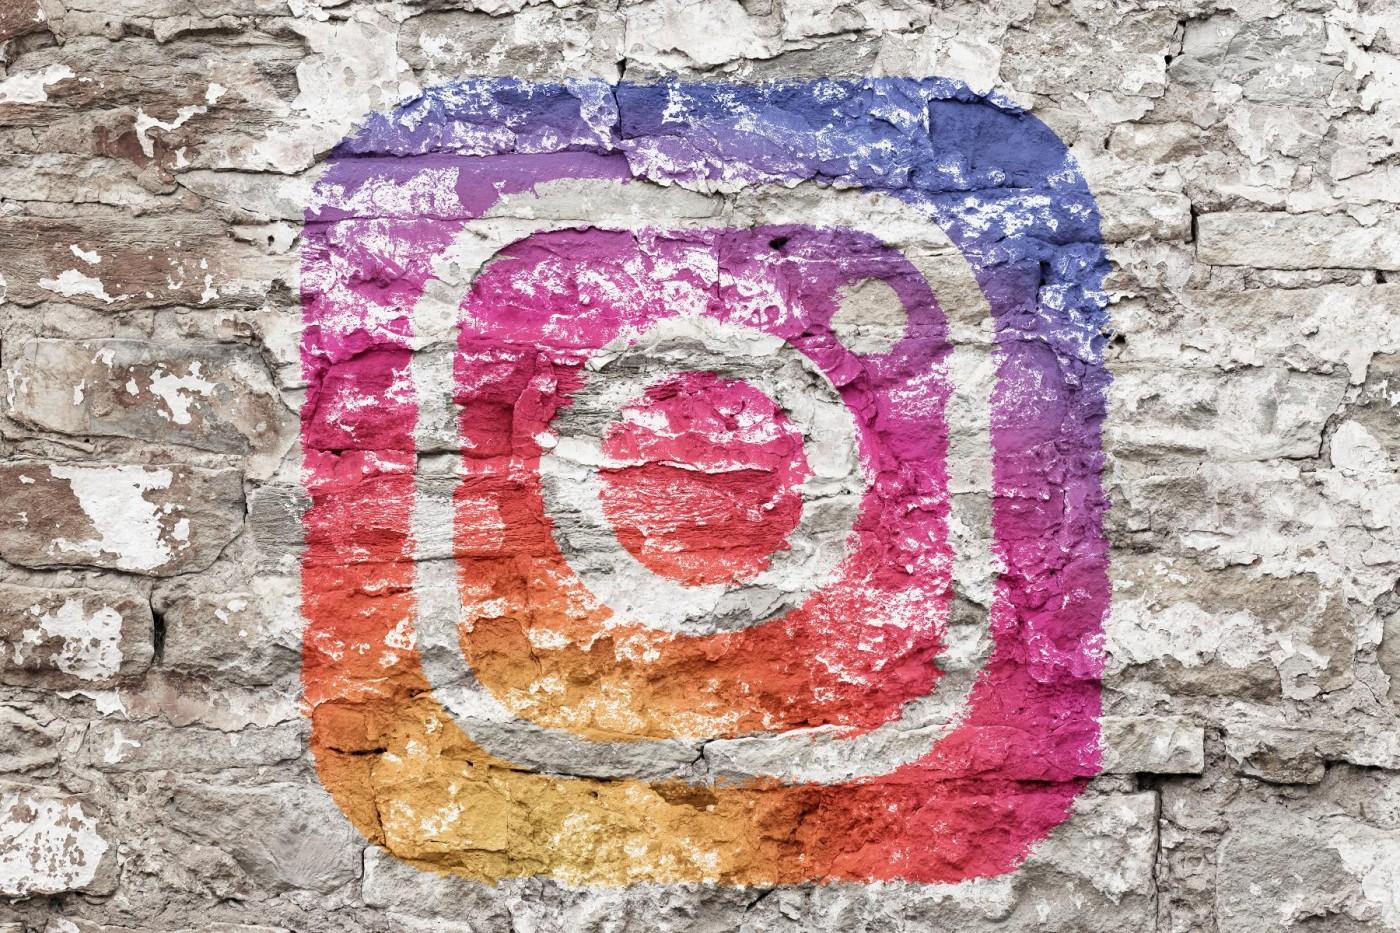 邀請好友「連線」同歡,Instagram 推出直播新功能